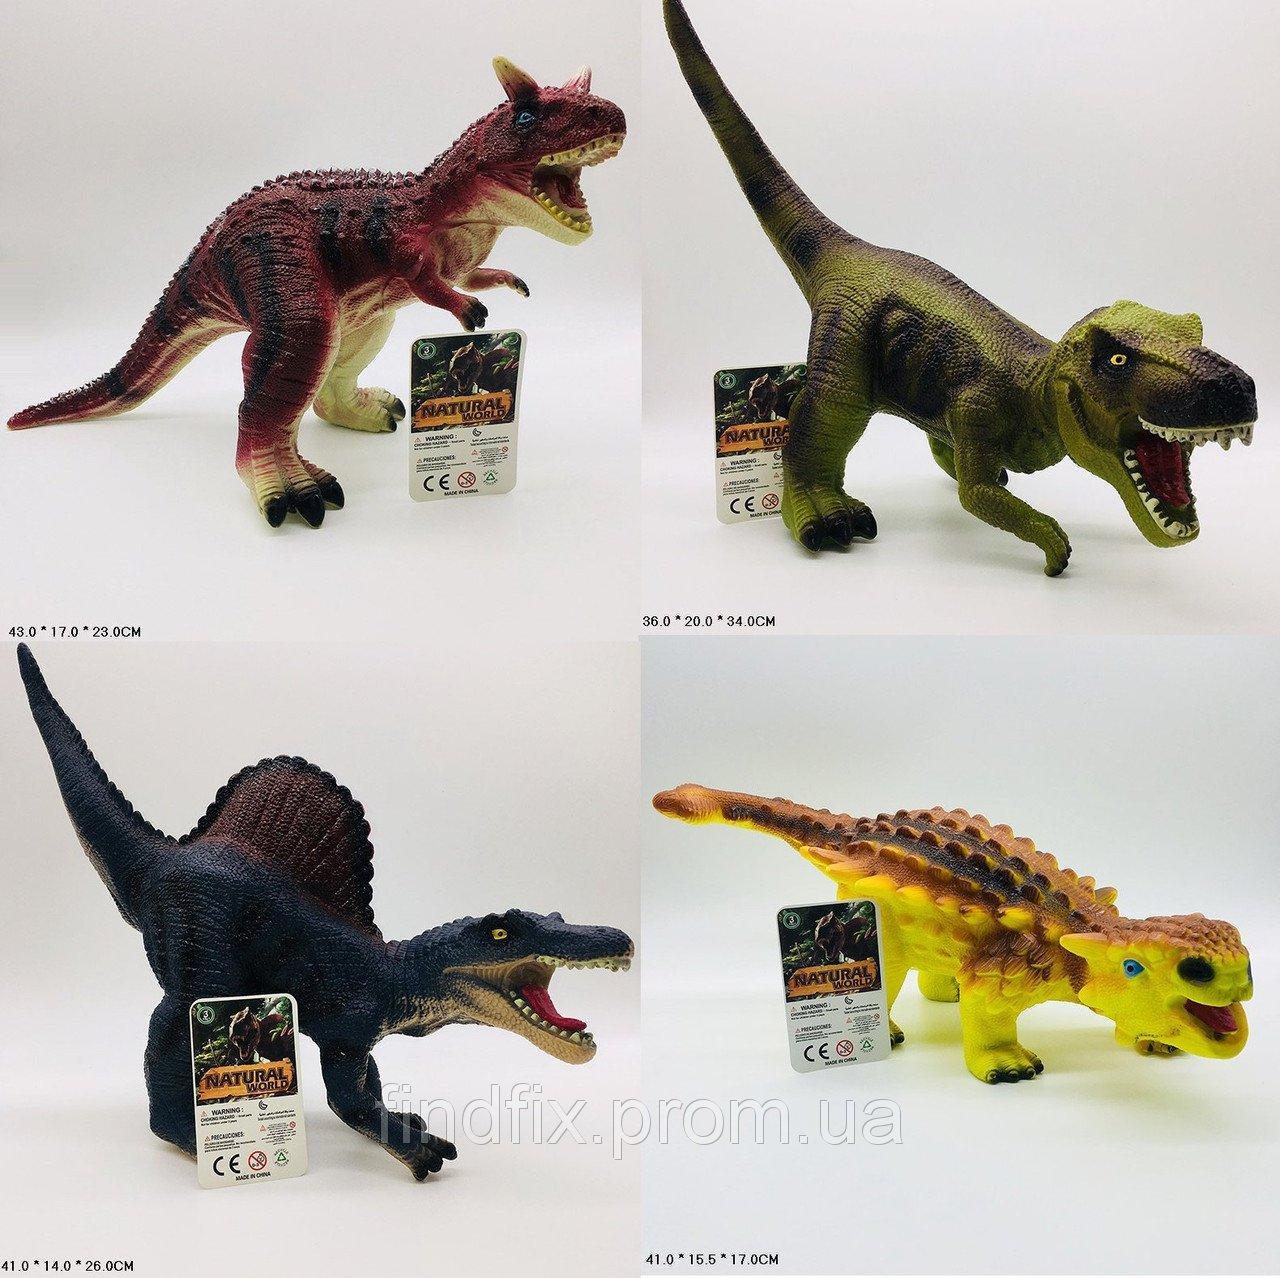 Z05-2/3/4/5 Игрушка Динозавр резин.звук.4в.кул.41*15,5*17